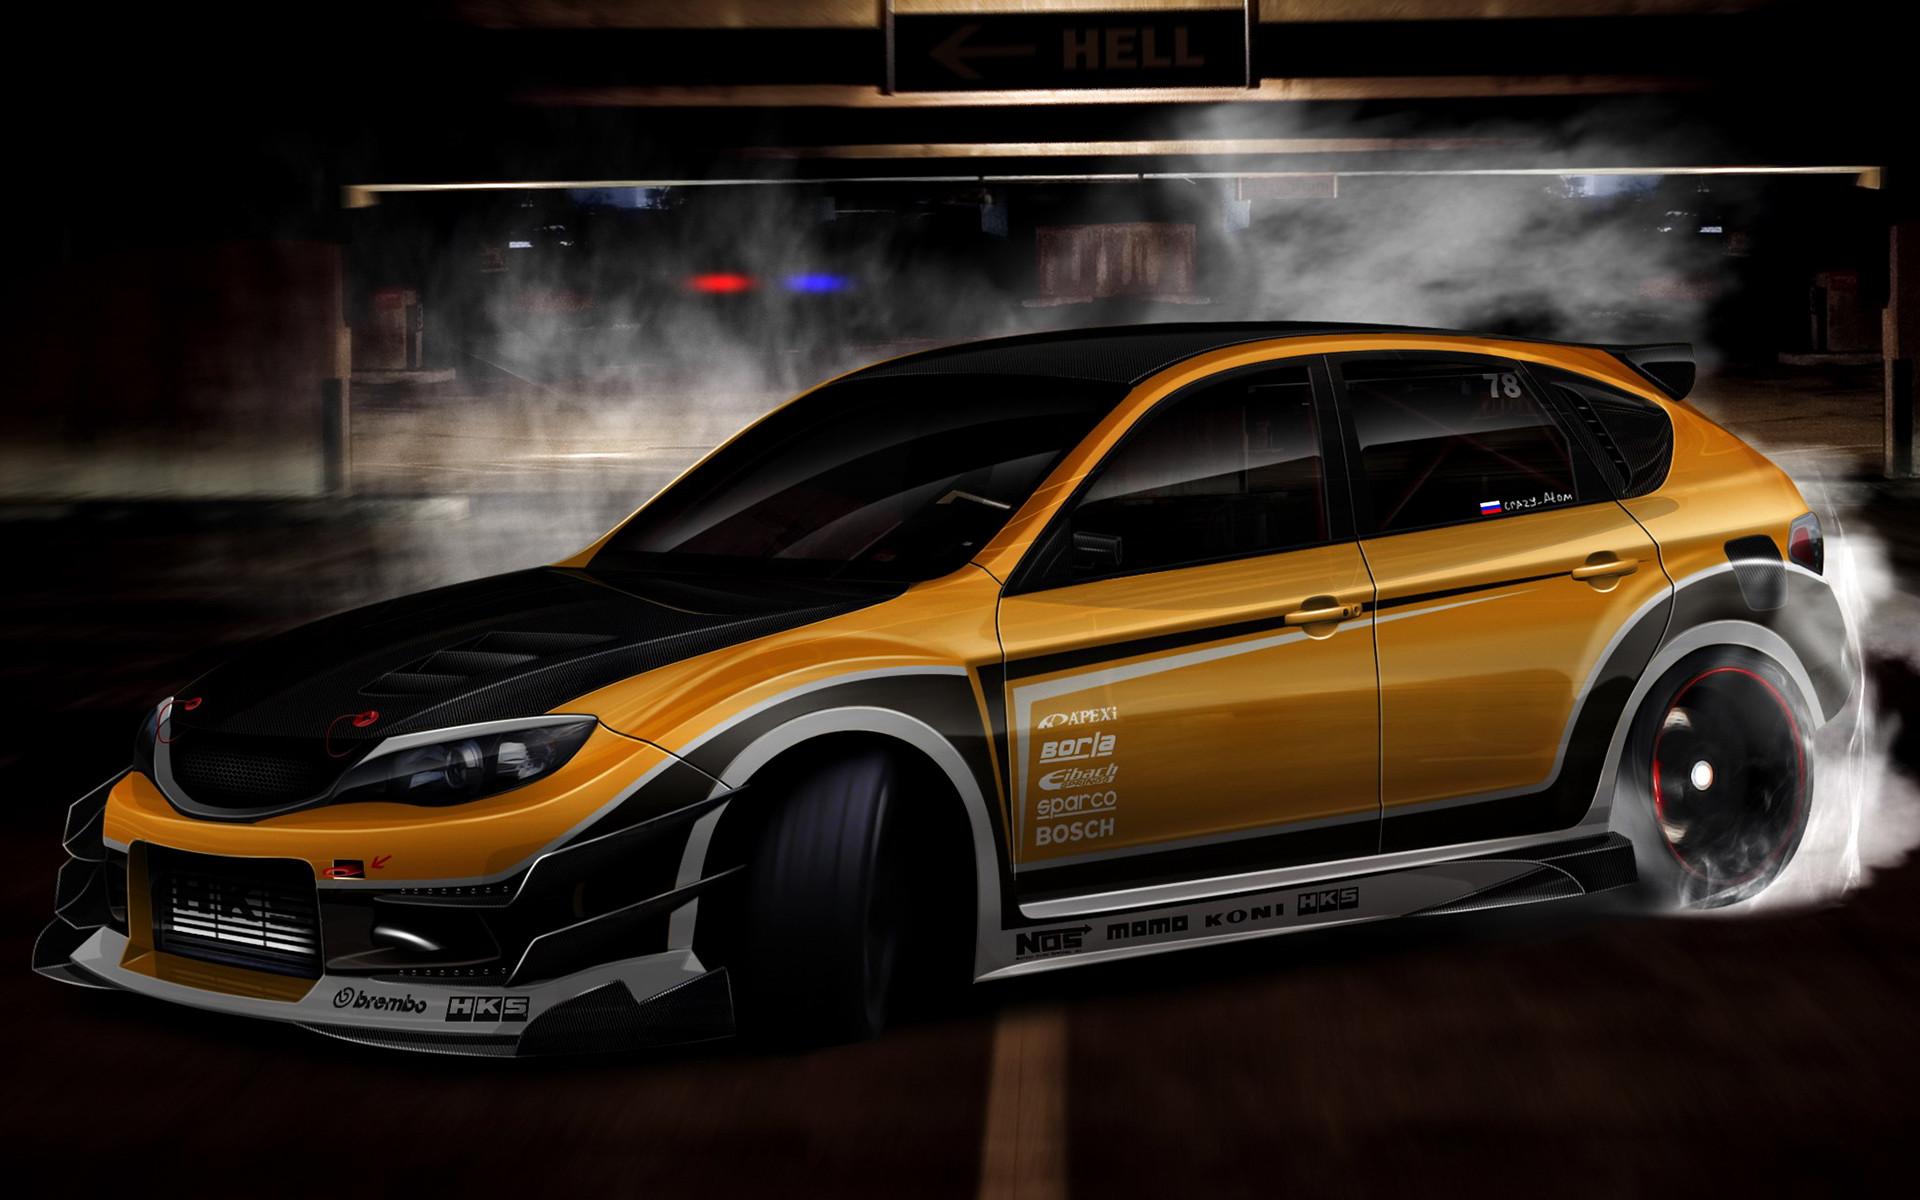 Cars Subaru Impreza WRX STI Tuning 30510